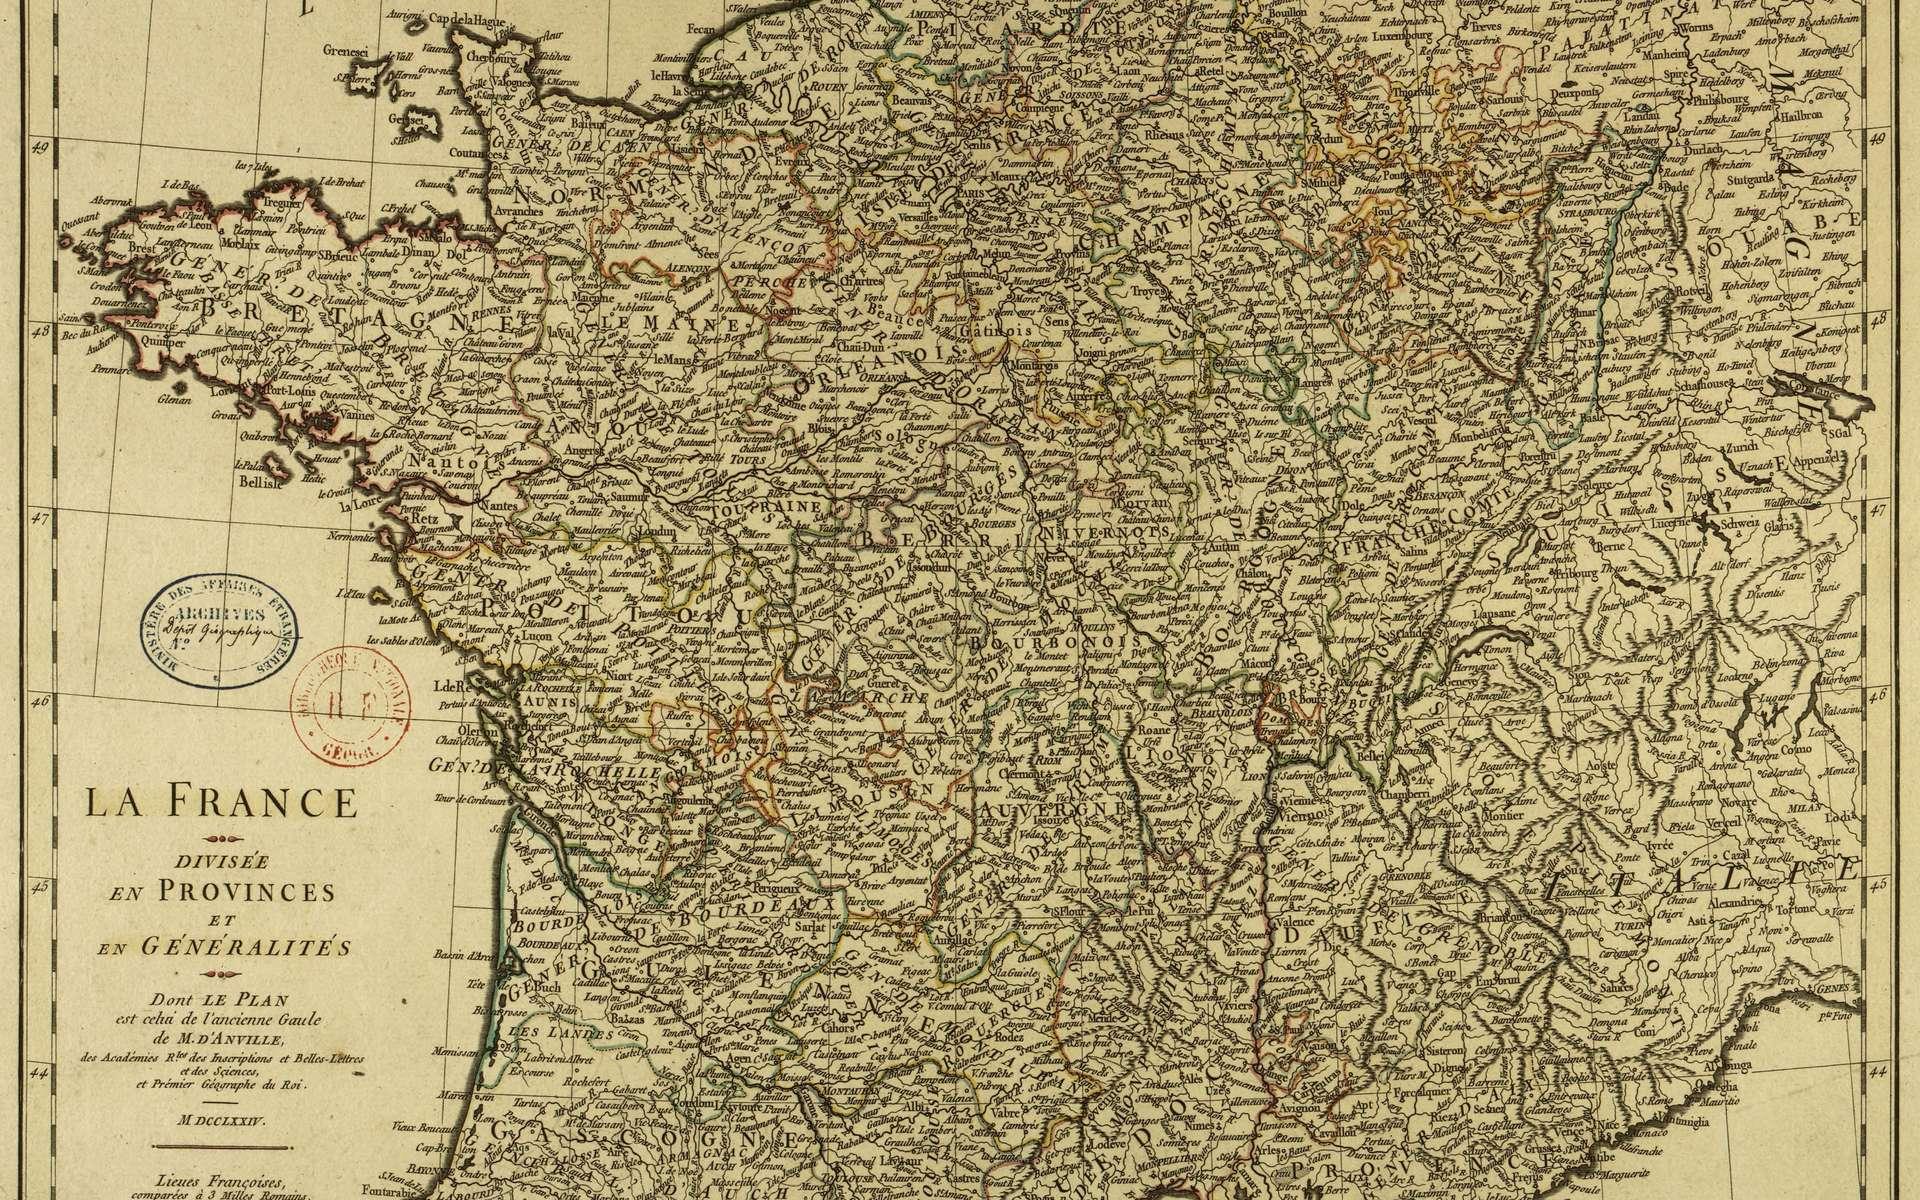 Histoire : La Création Des Départements Français À La Révolution concernant Liste Des Régions Françaises